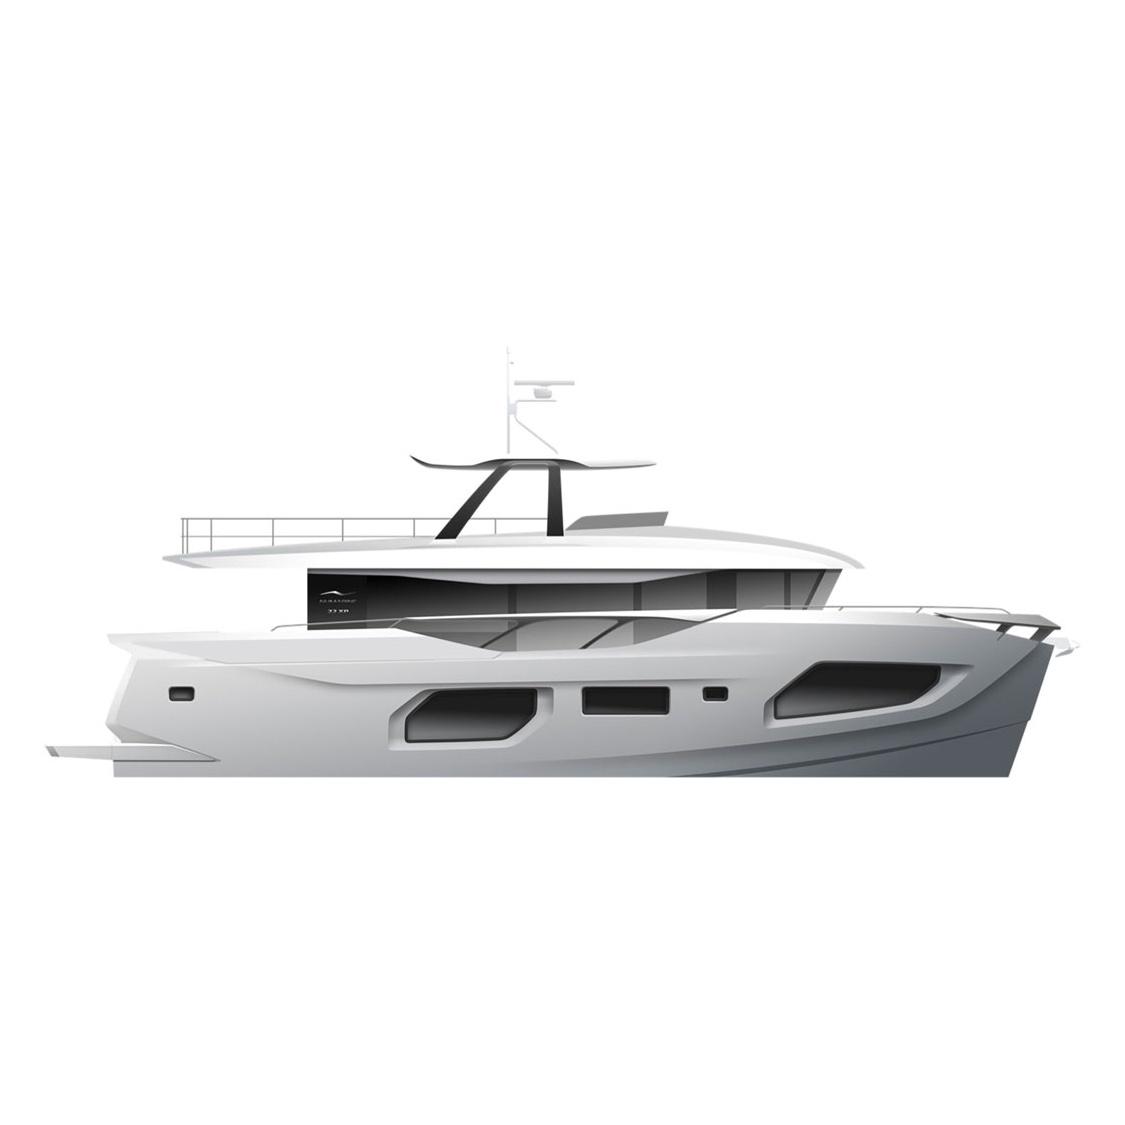 Le @NumarineD 22XP, un « petit » bateau d'expédition https://bit.ly/37McVfM #boats #boat #yachting #yachts #ocean #mer #bateau #yachtlife #numarine #numarineyacpic.twitter.com/UIjOcffIuk